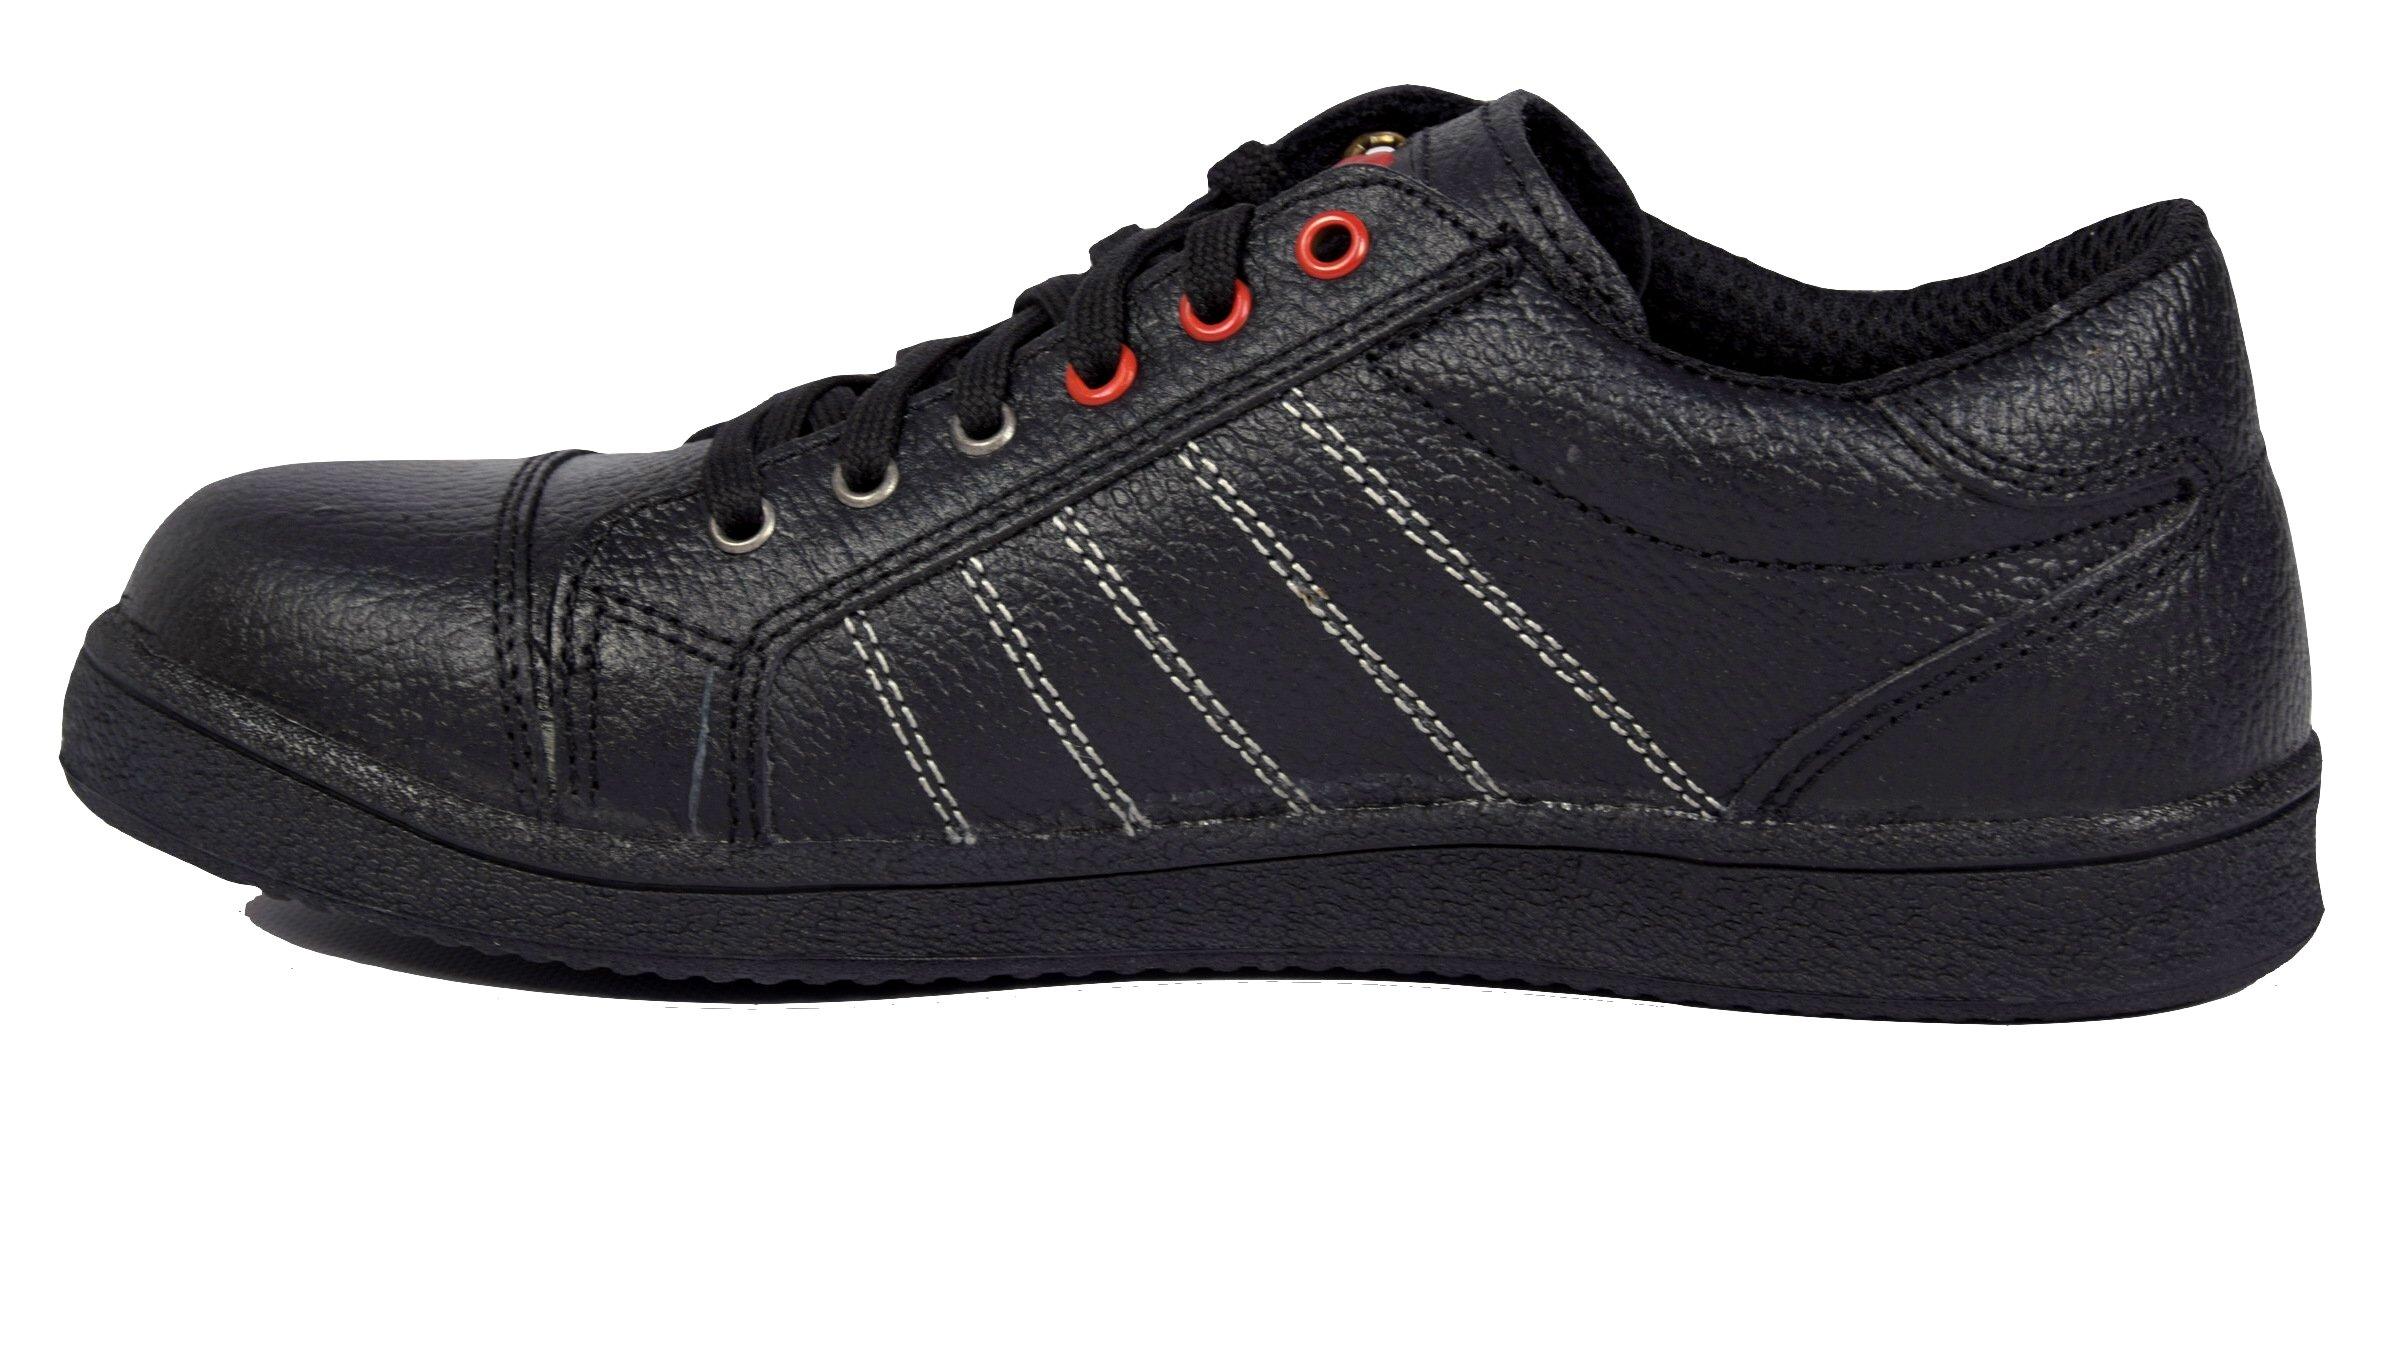 sportliche arbeits und sicherheitsschuhe halbschuhe sneaker schwarz s3 en345 ebay. Black Bedroom Furniture Sets. Home Design Ideas